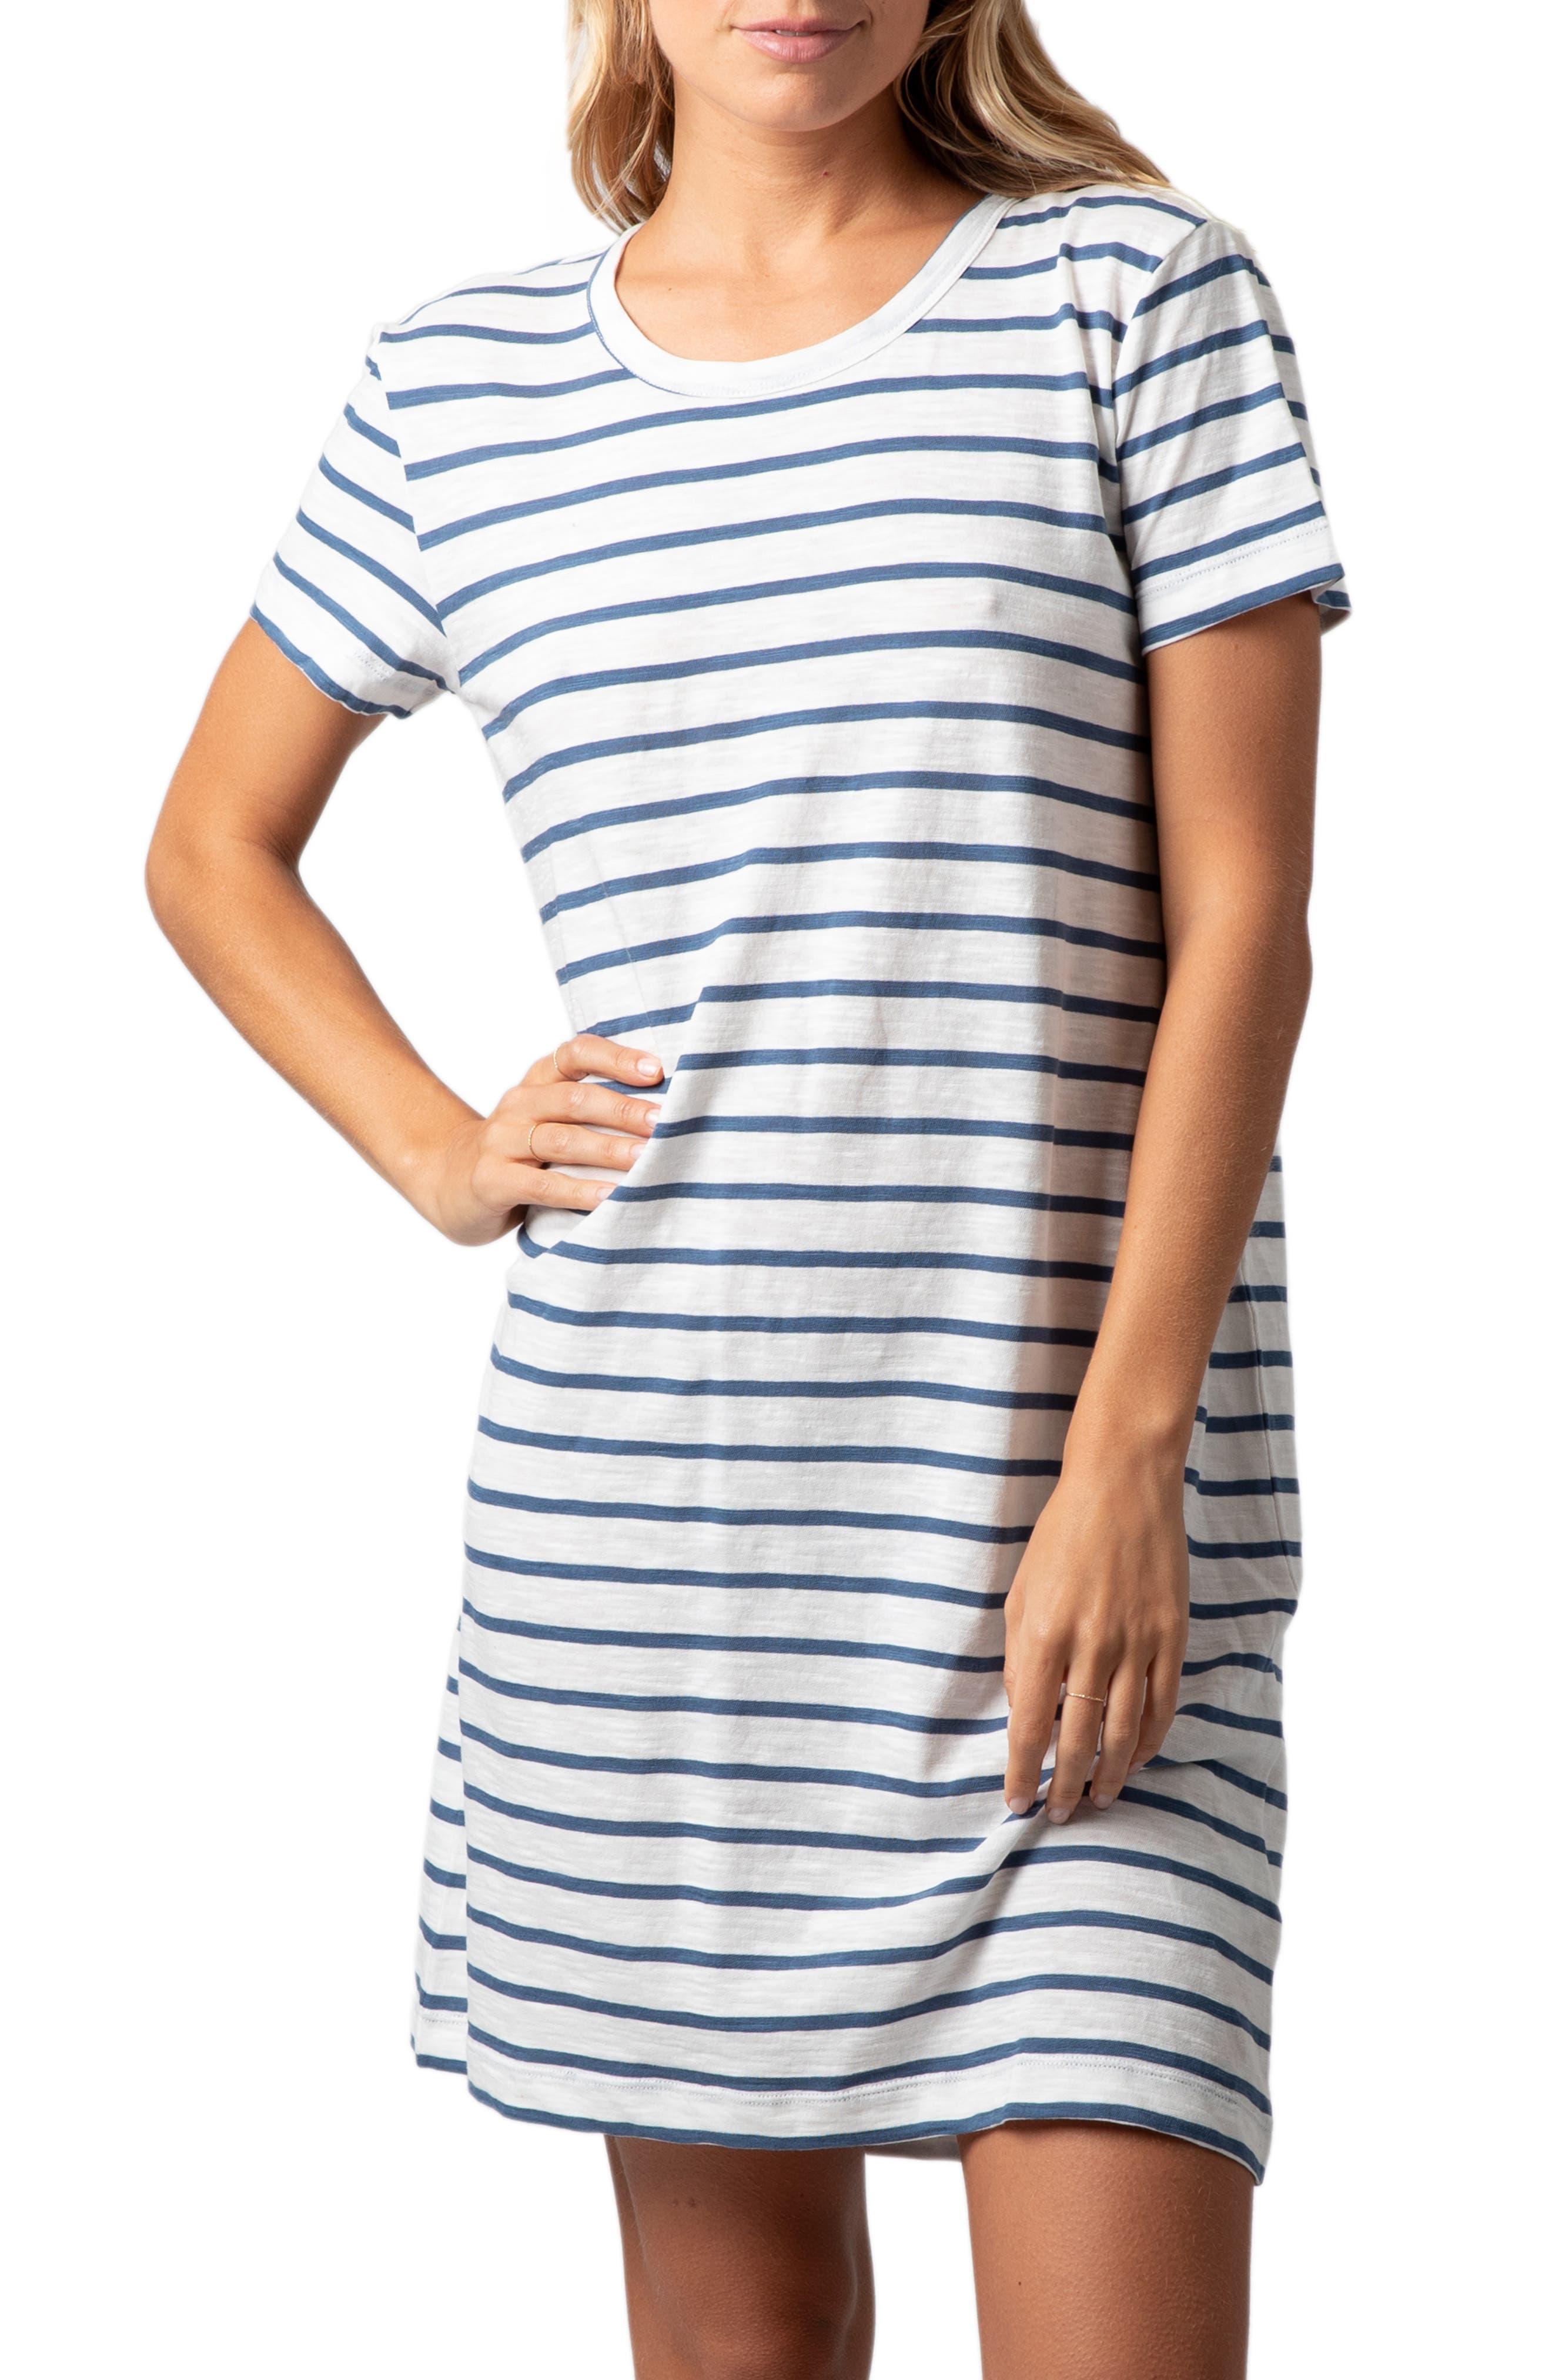 RIP CURL Surf Essentials T-Shirt Dress, Main, color, VANILLA